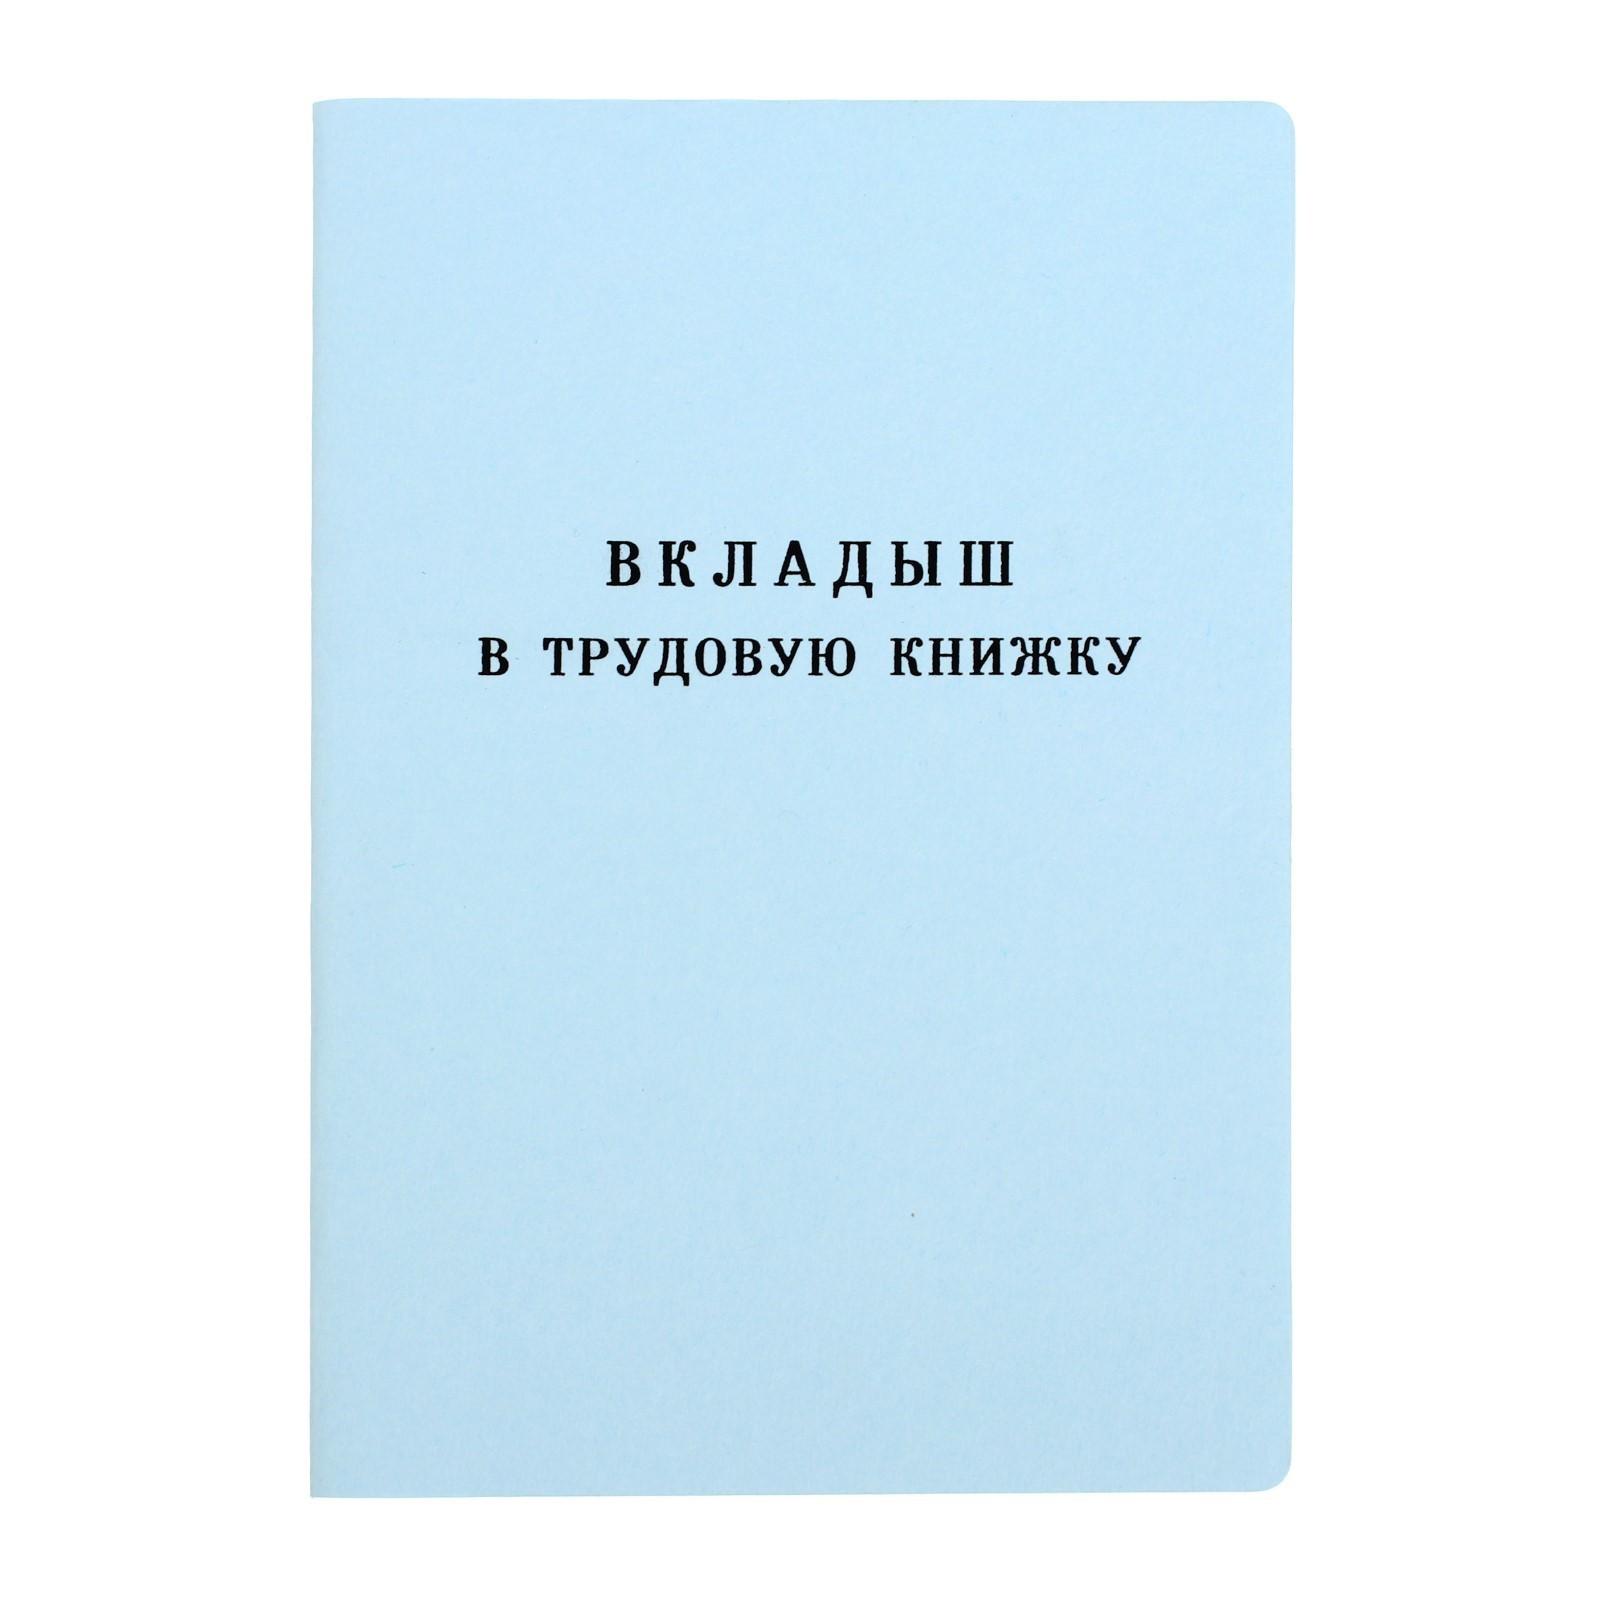 Купить запись в трудовой книжке в екатеринбурге трудовые книжки со стажем Кадомцева проезд